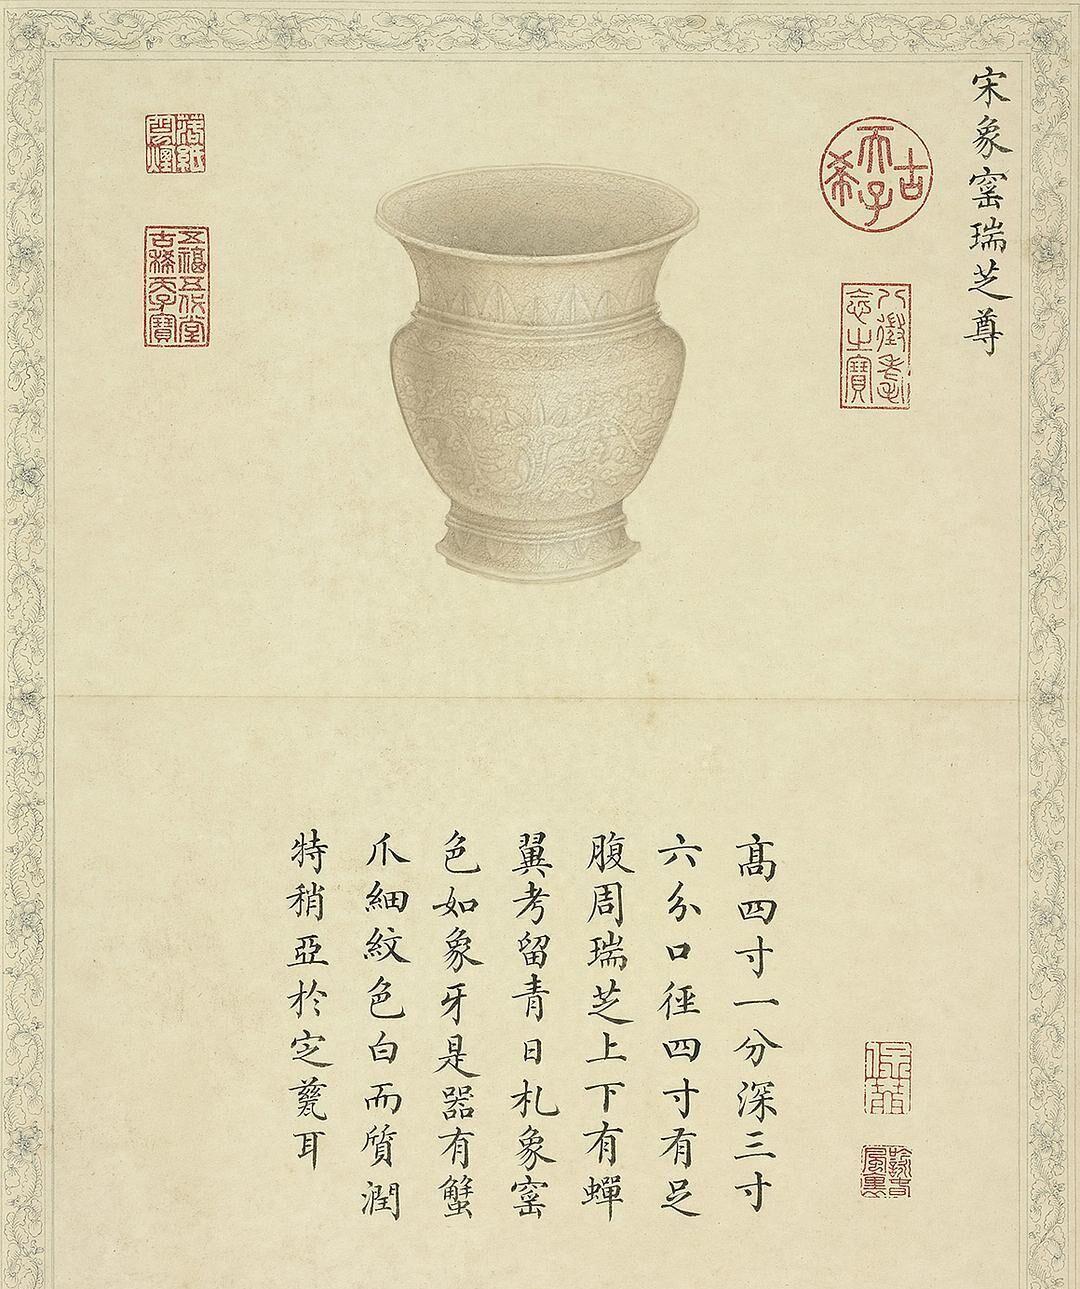 台北故宫博物院藏品,清宫陶瓷图录《精陶韫古》